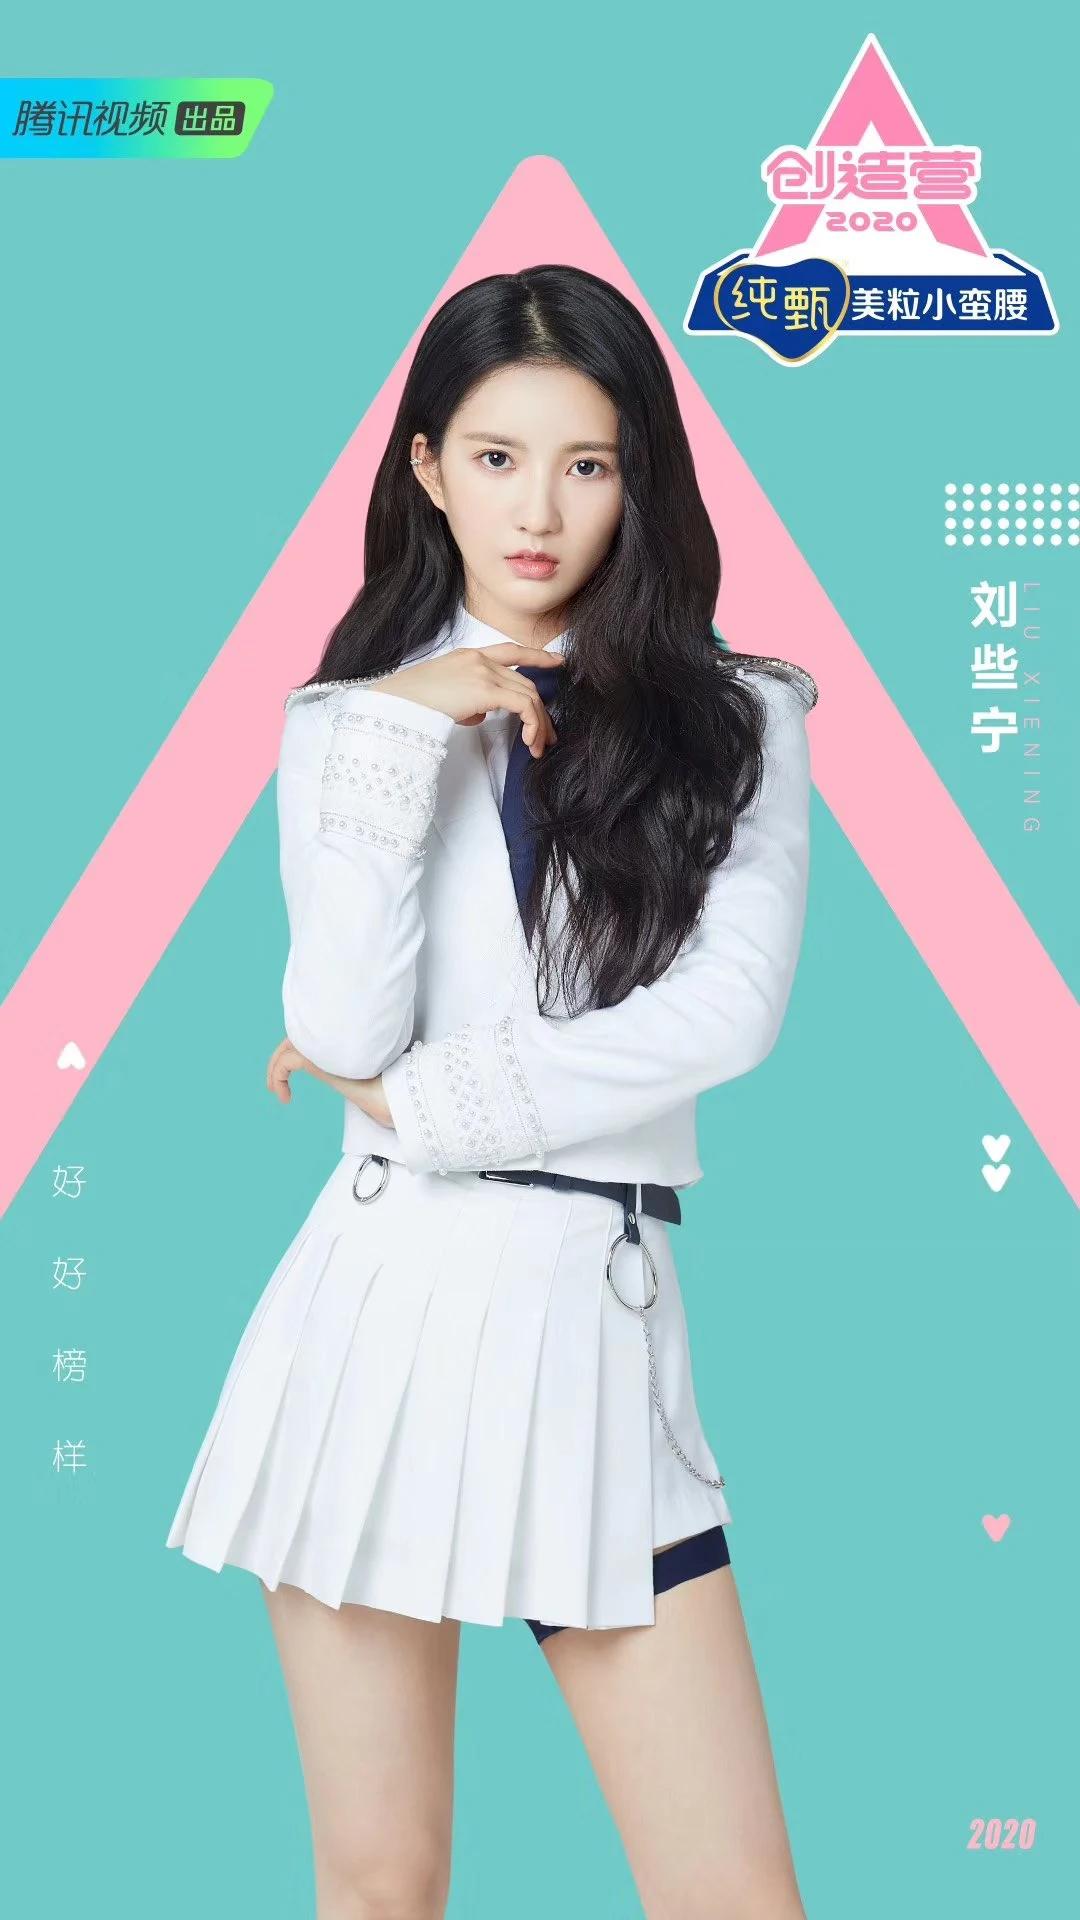 回国参加偶像选秀才是正确的?这9名偶像都曾在韩国出道过!插图(18)